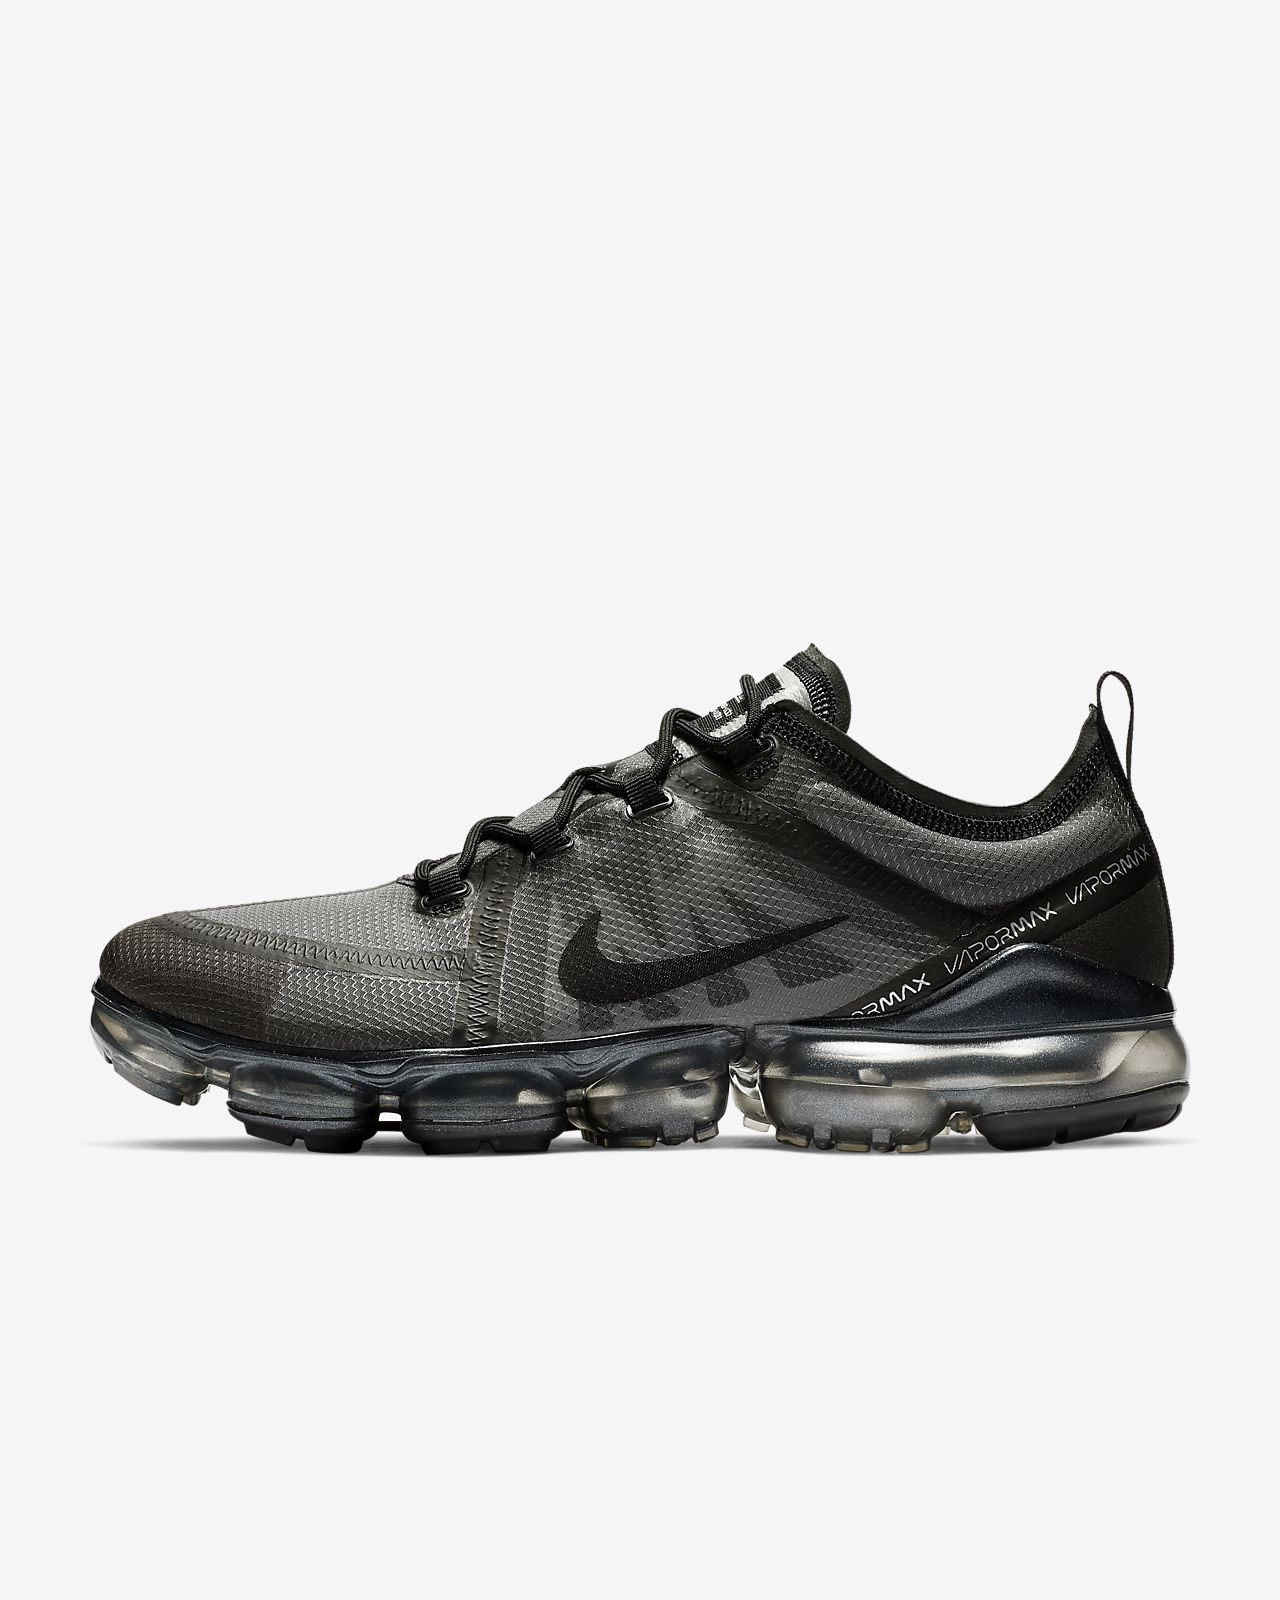 Nike Air VaporMax 2019 Shoe